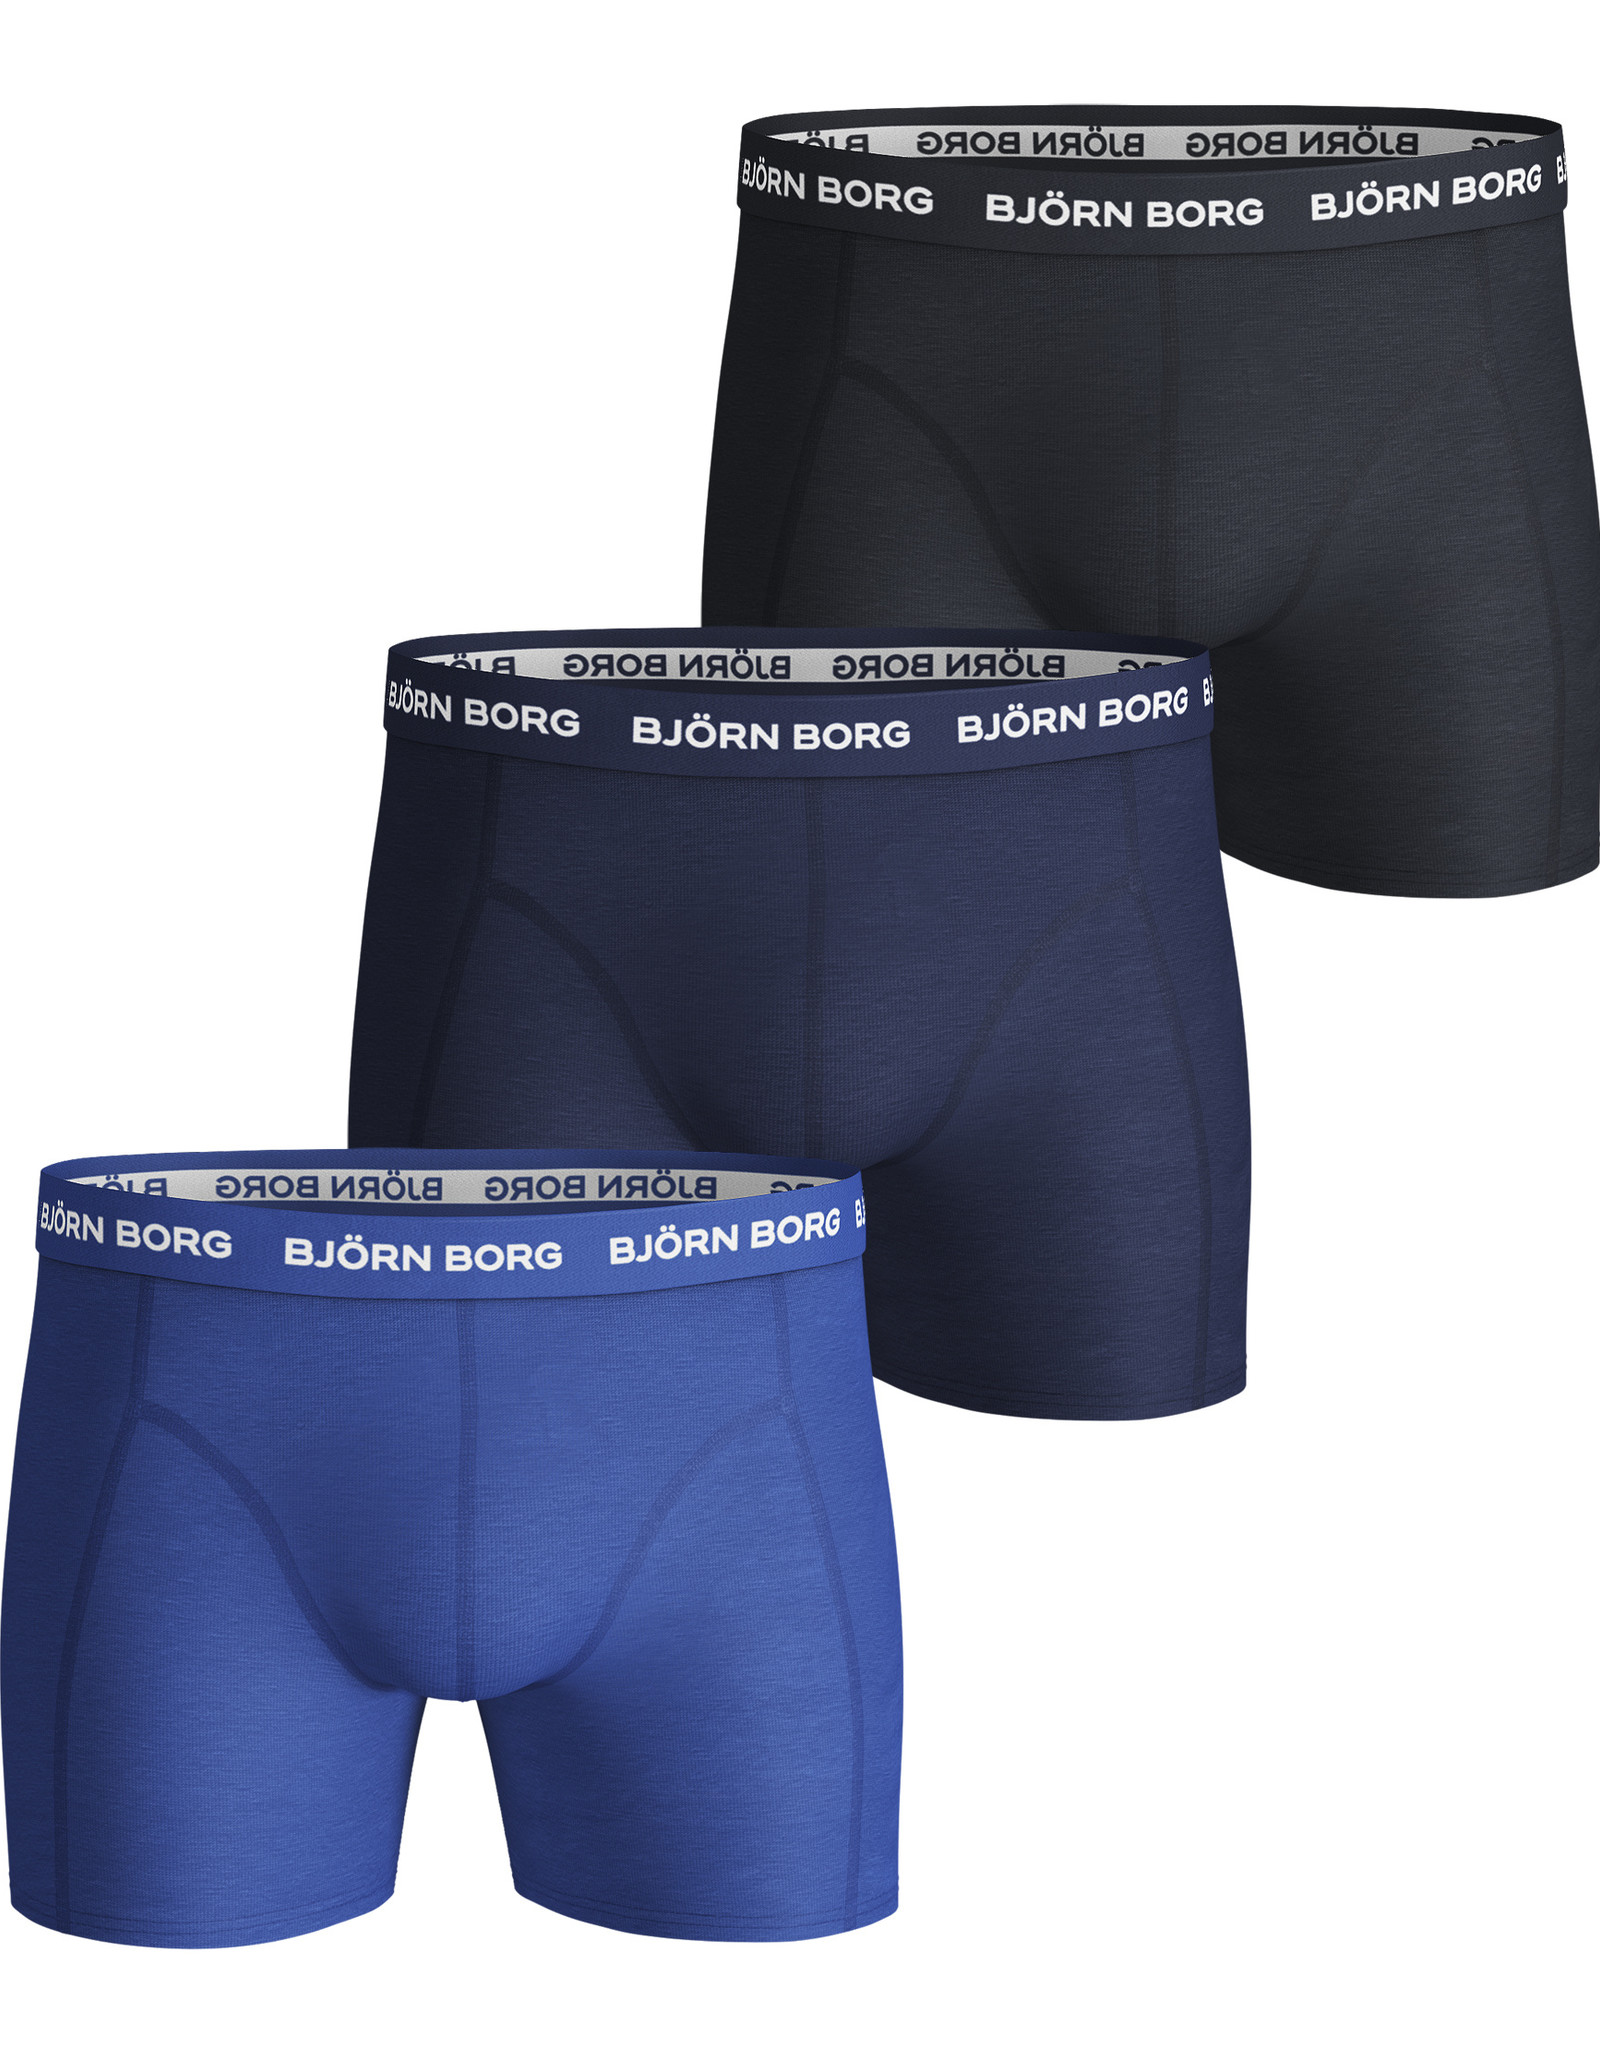 Björn Borg BB Shorts Solids